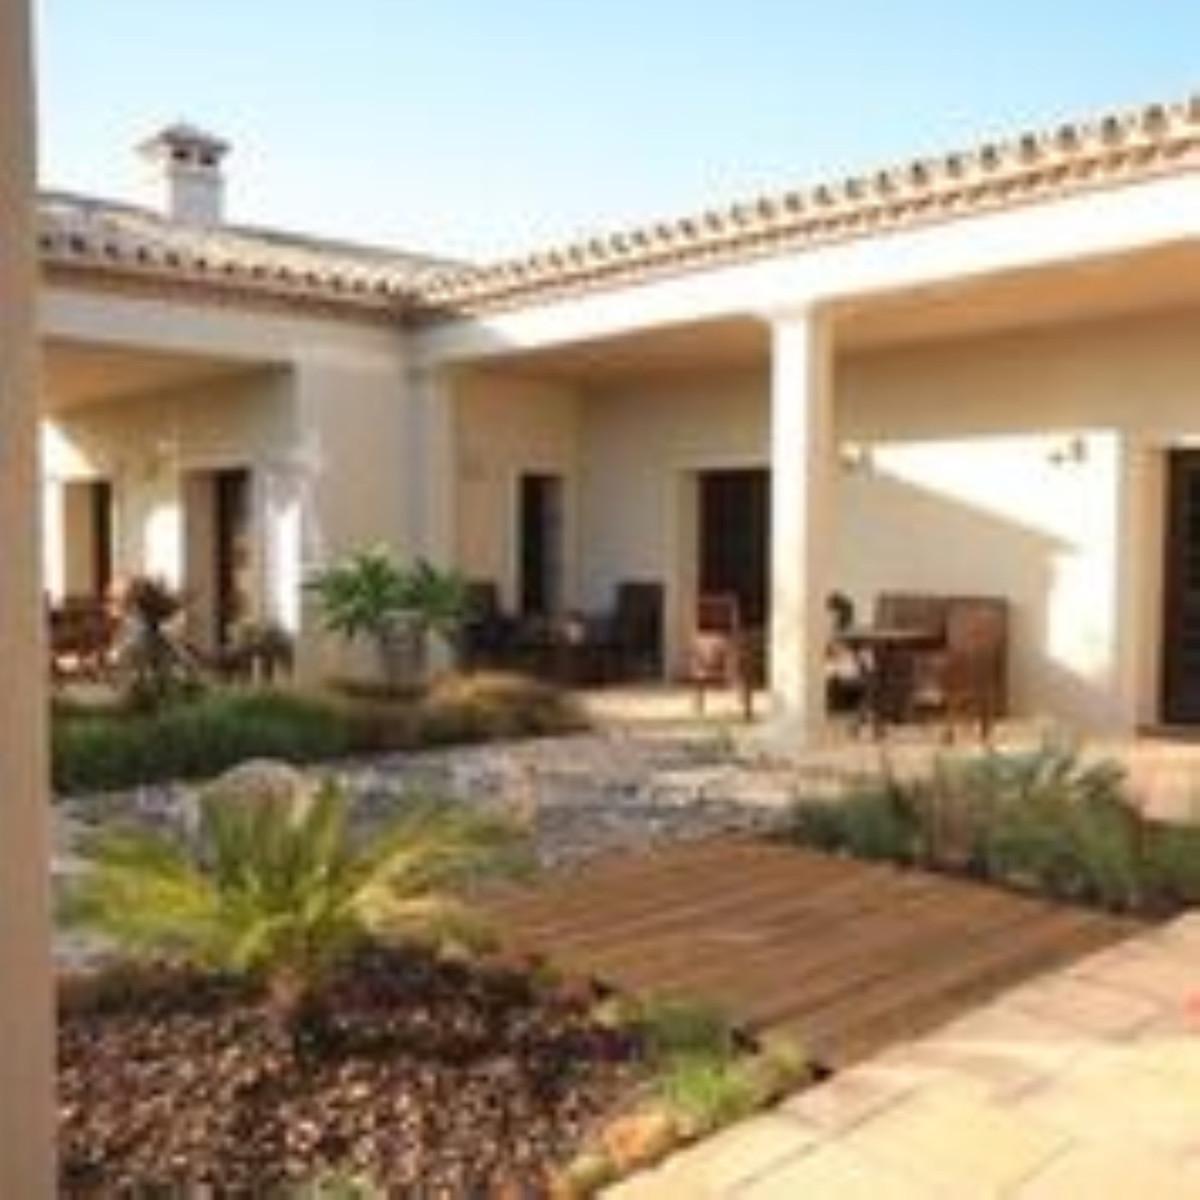 Villa 12 Dormitorios en Venta Monda